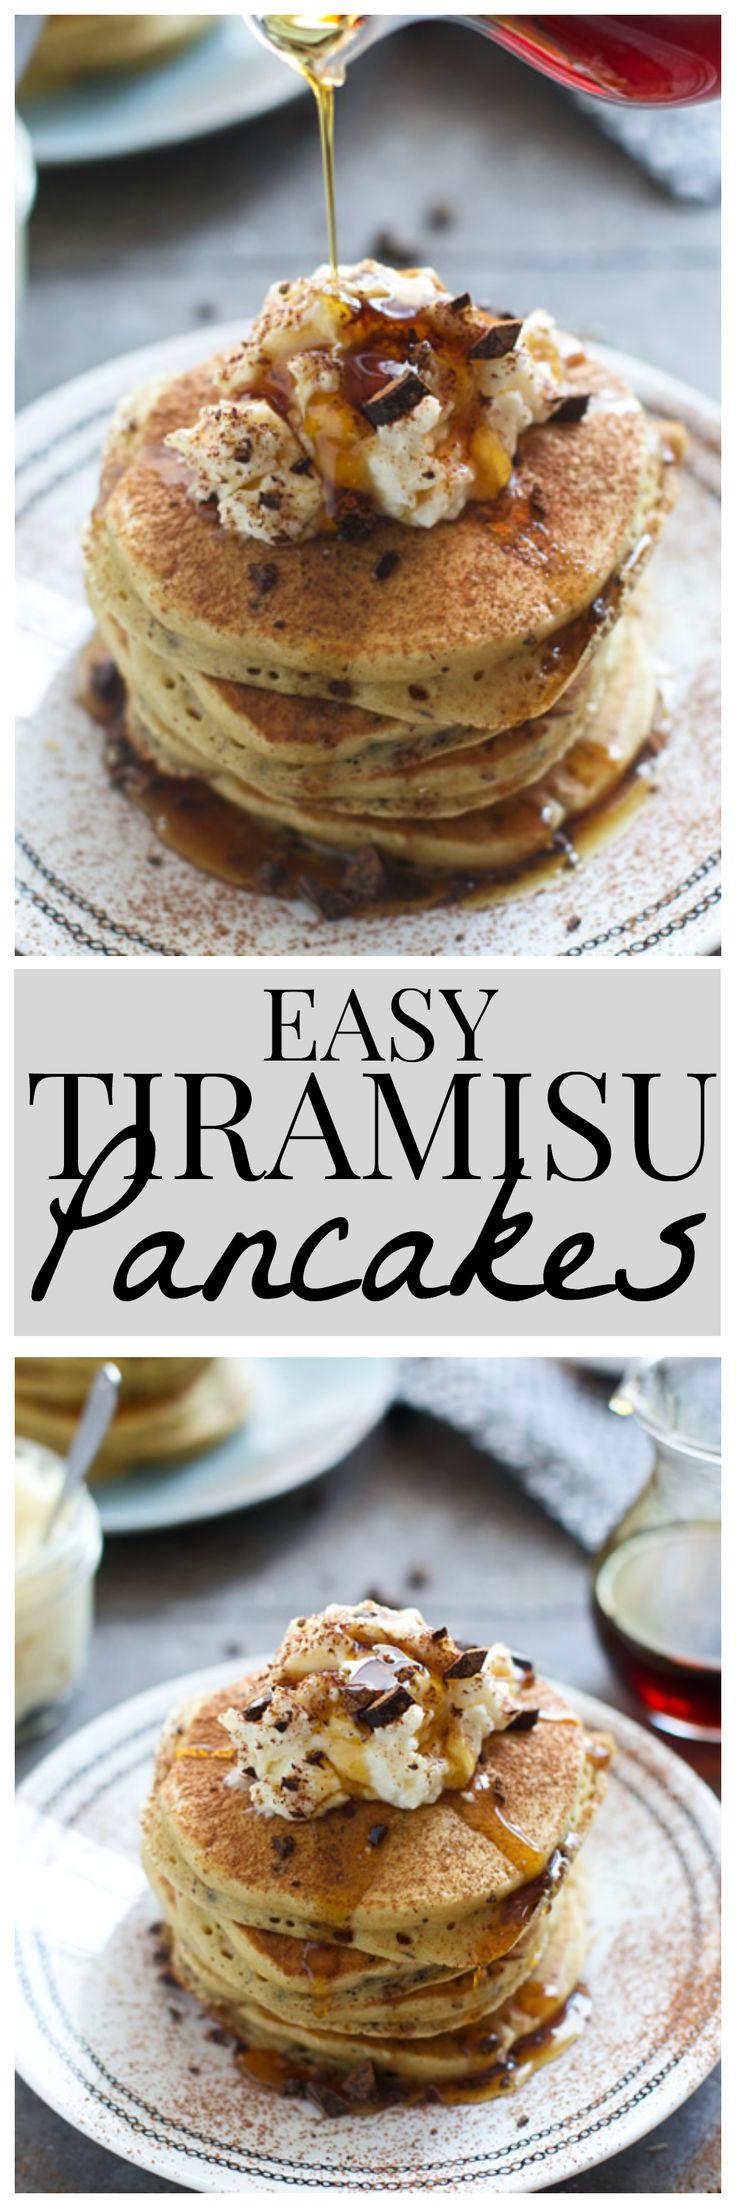 Tiramisu Pancakes with Mascarpone Cream